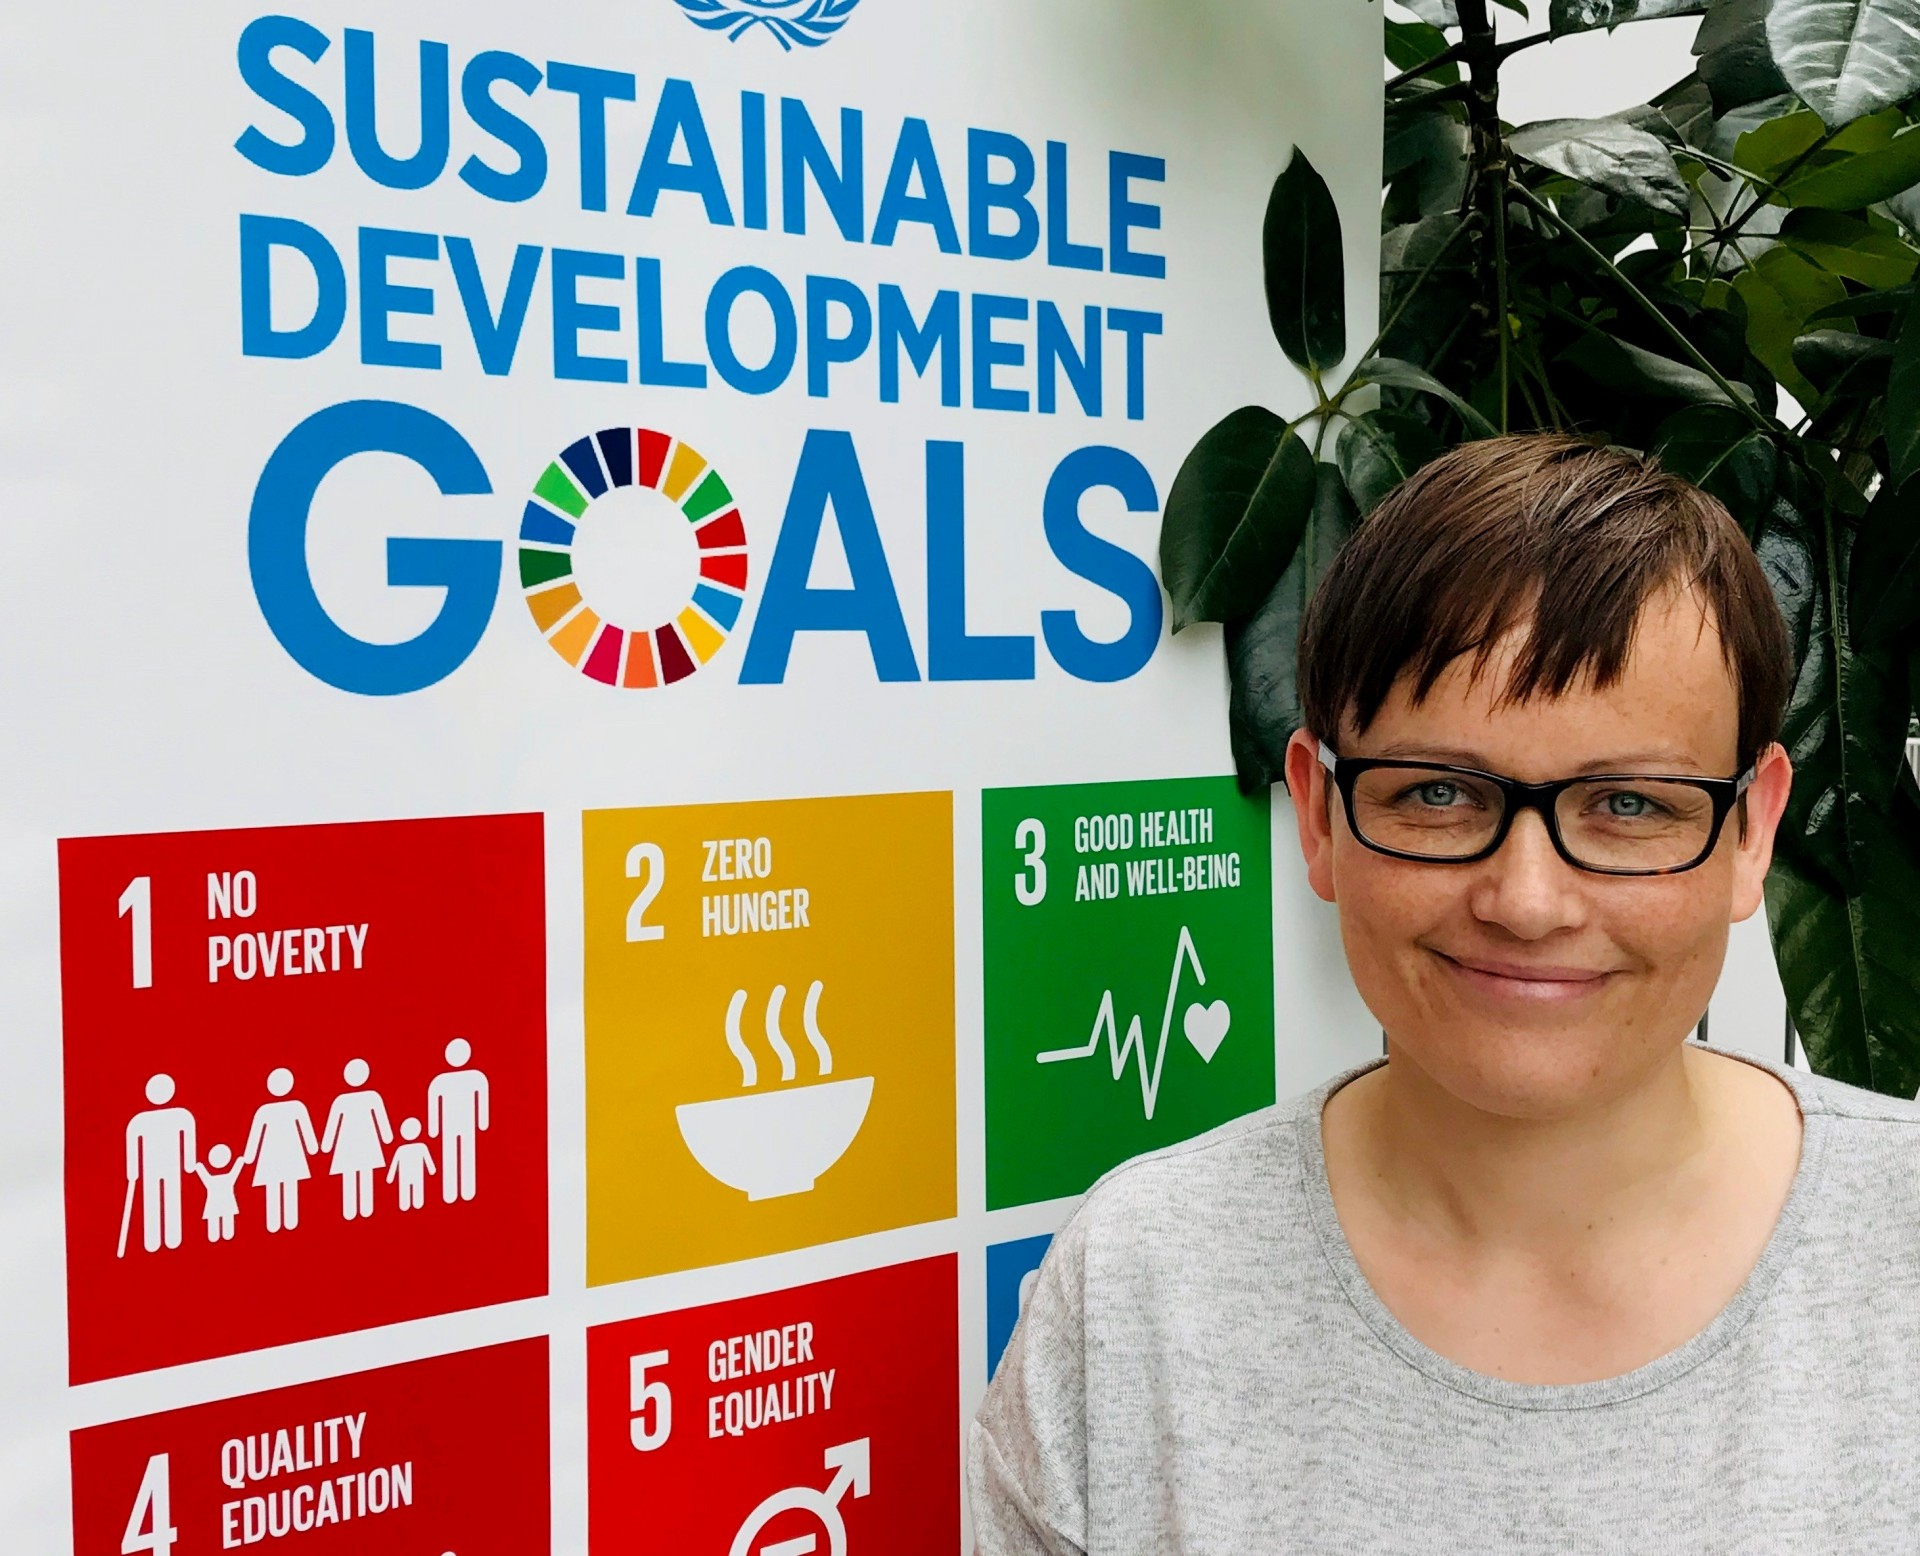 - Regjeringen har kastet bort fem år i arbeidet med å nå FNs bærekraftsmål